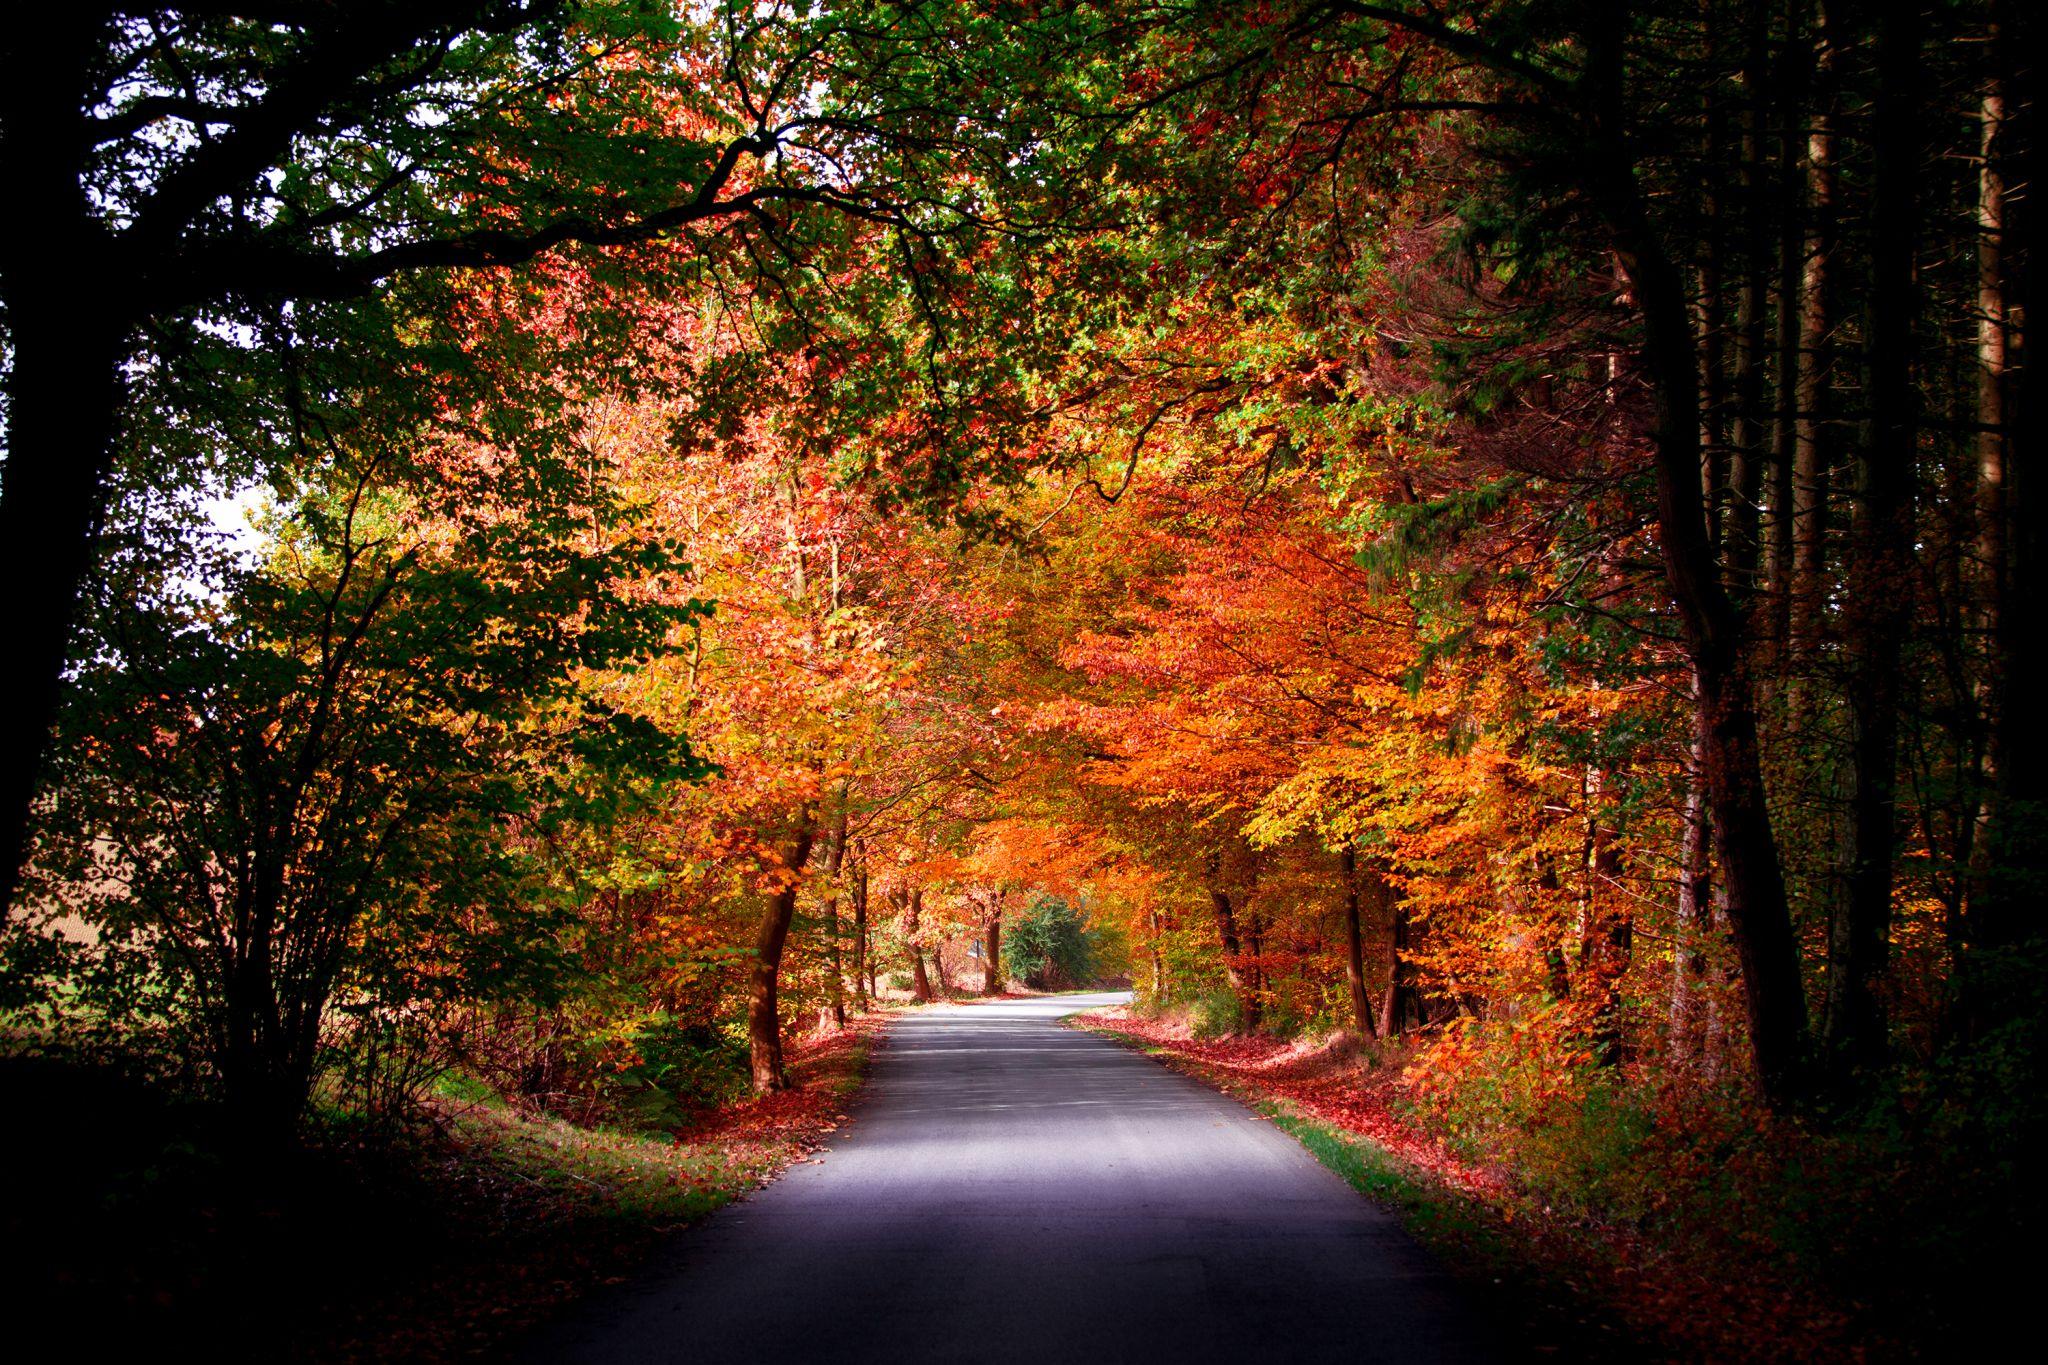 Haarweg - Soester Börde, Germany